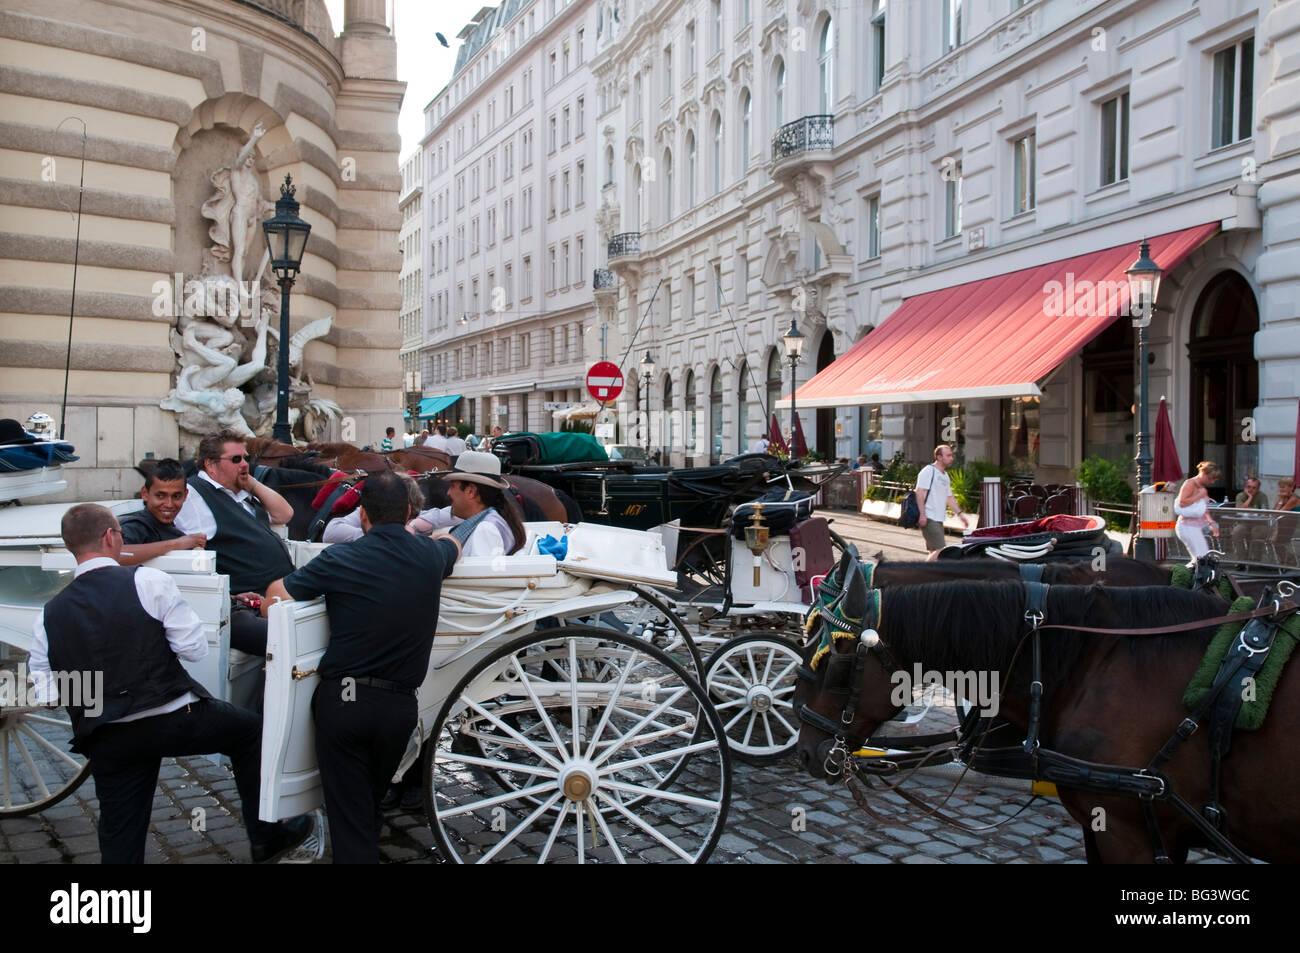 Fiaker und Kutscher am Michaelerplatz, Wien, Österreich | Fiaker (horse carriage) and horsemen, Vienna, Austria Stock Photo